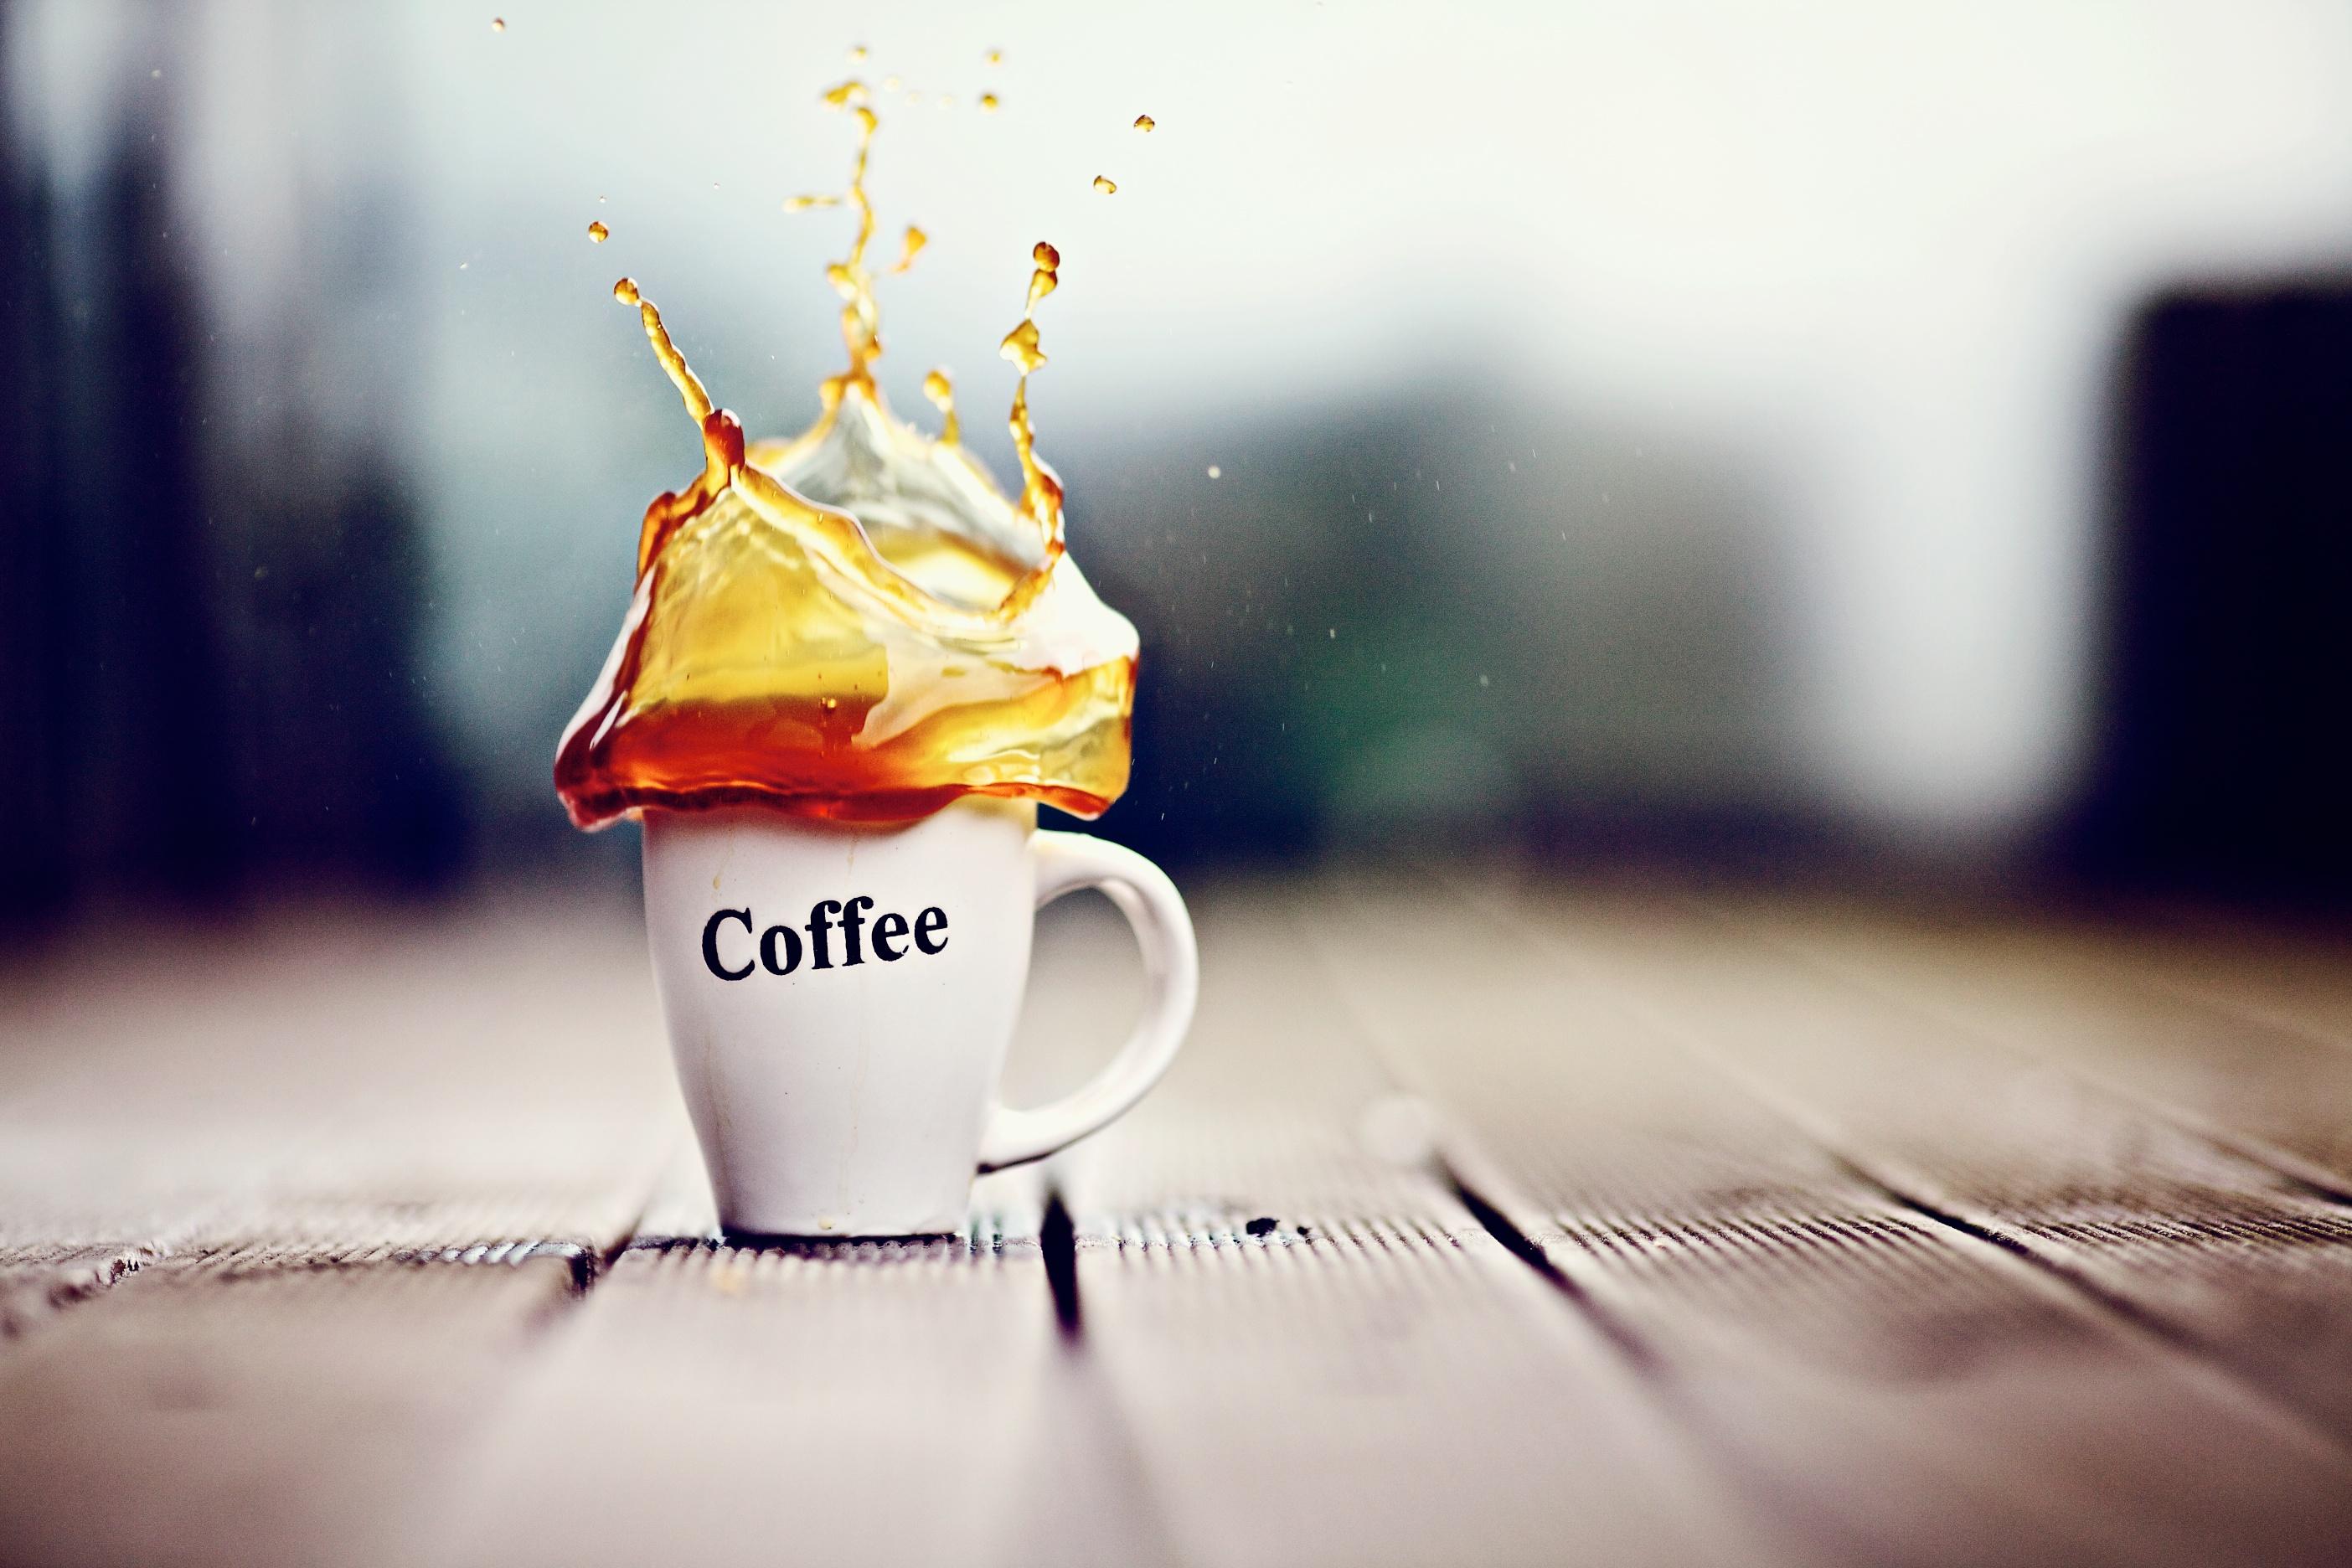 беломорска доброе утро креатив фото цены уменьшению